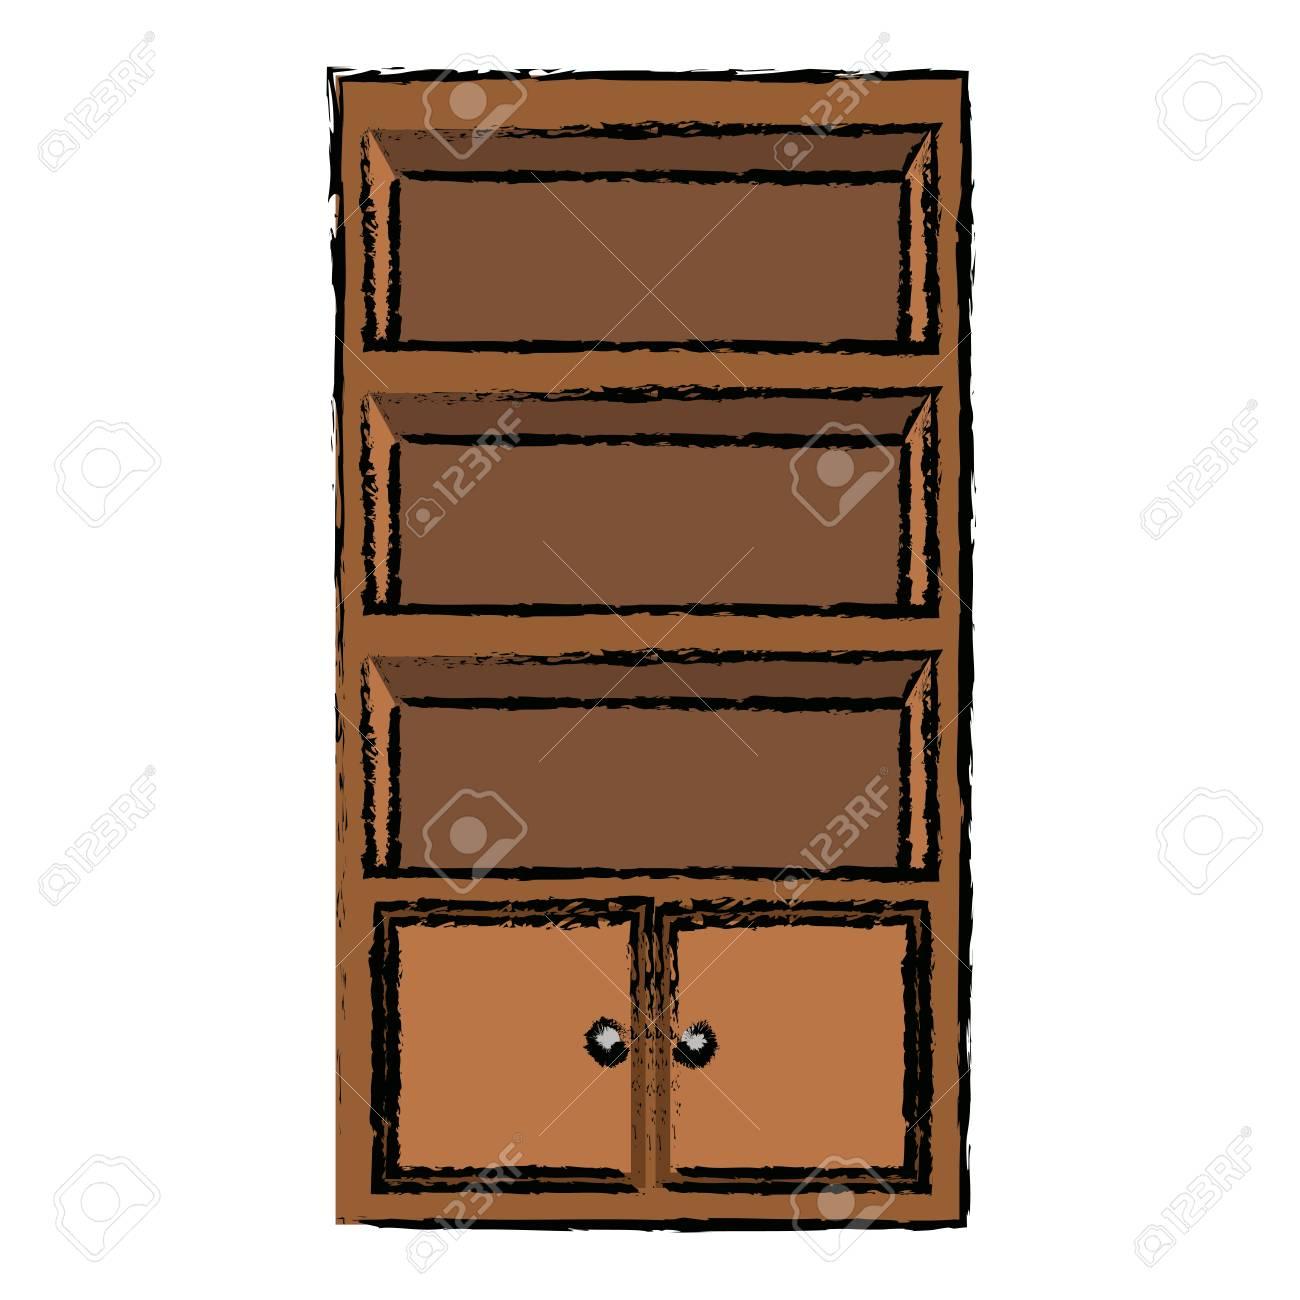 Muebles De Oficina De Madera.Gabinete Estante Muebles Oficina De Madera Ilustracion Vectorial Vacio